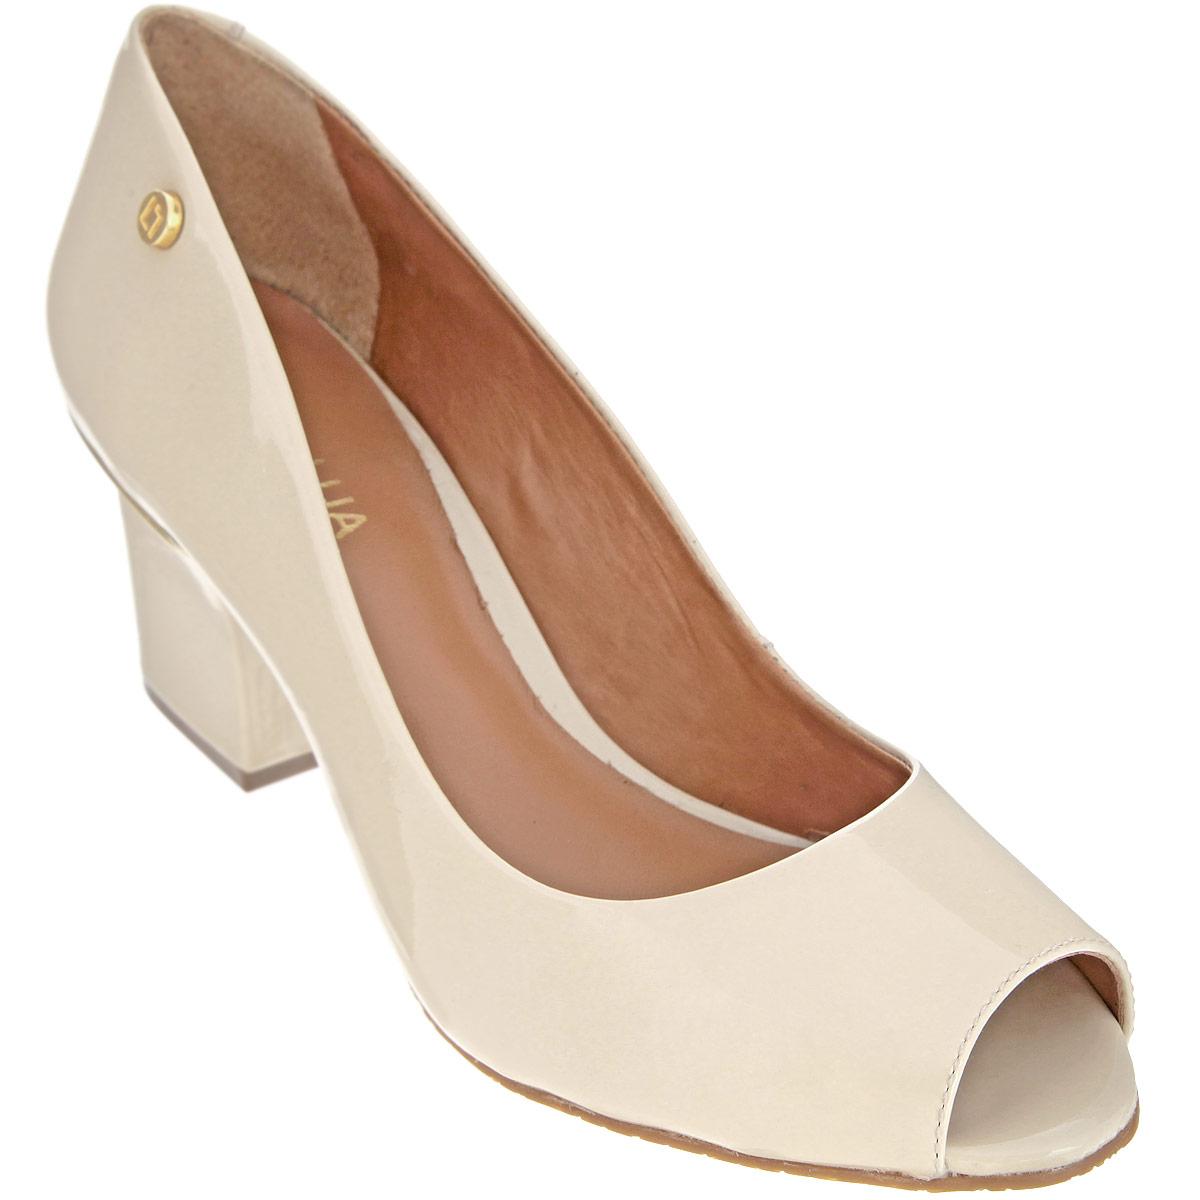 Туфли женские. S55602V15S55602V15Лаконичные туфли от Luz Da Lua - основа гардероба каждой женщины! Модель выполнена из натуральной лакированной кожи и оформлена круглой металлической пластиной с логотипом бренда на боковой стороне. Открытый носок смотрится невероятно женственно. Стелька из натуральной кожи гарантирует комфорт и удобство при ходьбе. Каблук, у основания декорированный металлической вставкой, и подошва с рифлением обеспечивают идеальное сцепление с любыми поверхностями. Изысканные туфли внесут элегантные нотки в ваш модный образ.